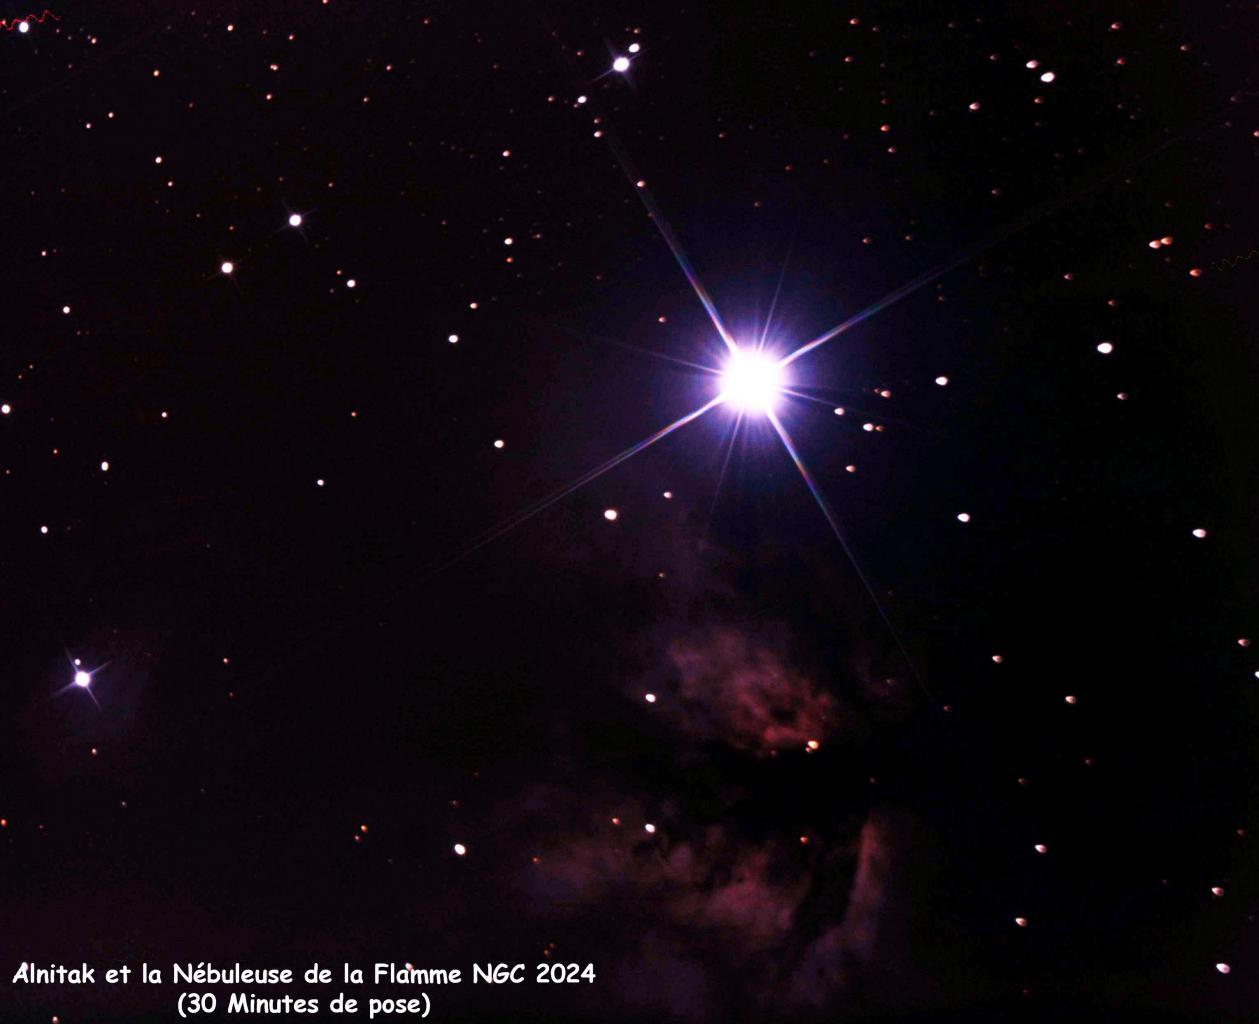 Alnitak et Nébuleuse de la Flamme NGC2024